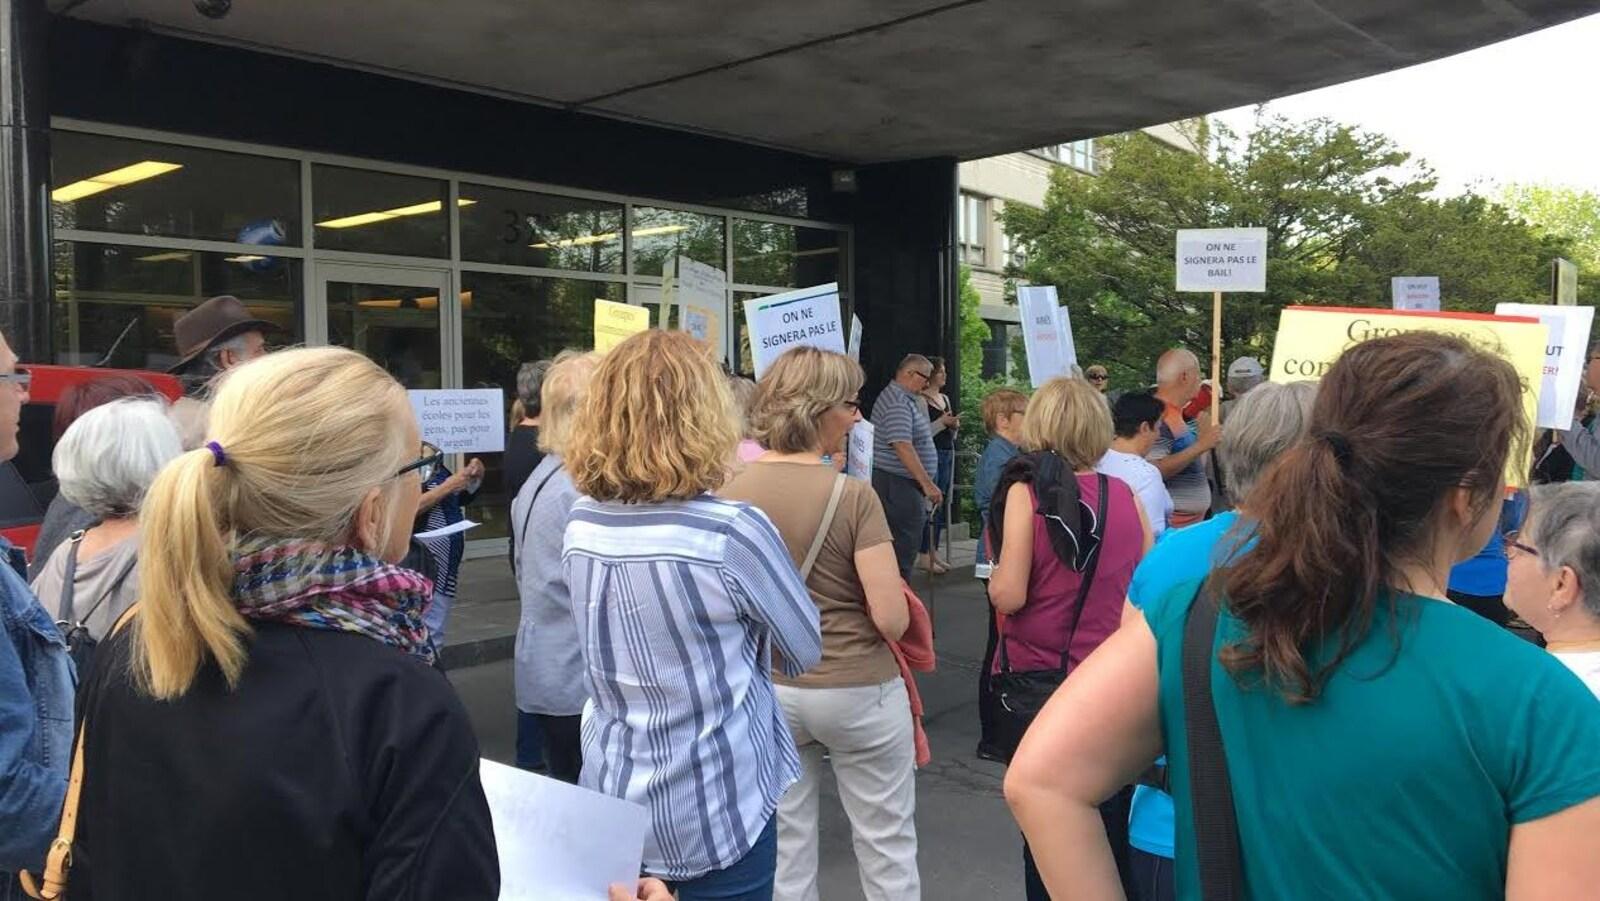 Quelque 150 personnes travaillant dans le milieu communautaire ont manifesté devant les bureaux de la Commission scolaire de Montréal pour contester les hausses de loyers faramineuses qui leur seront imposées l'année prochaine.